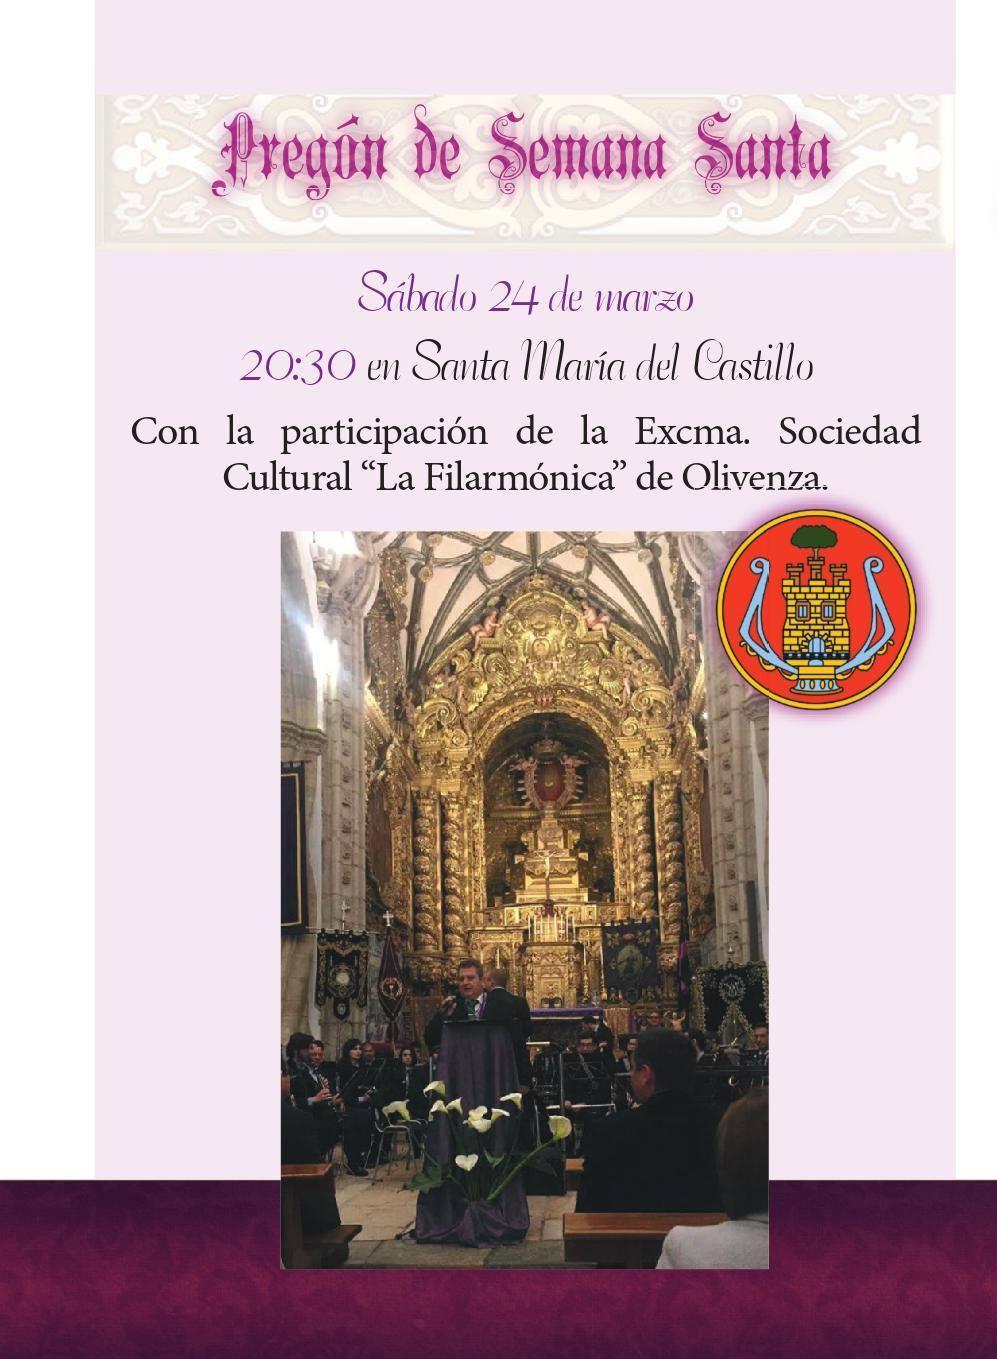 La música de La Filarmónica engalana el pregón de Semana Santa de Olivenza 2018